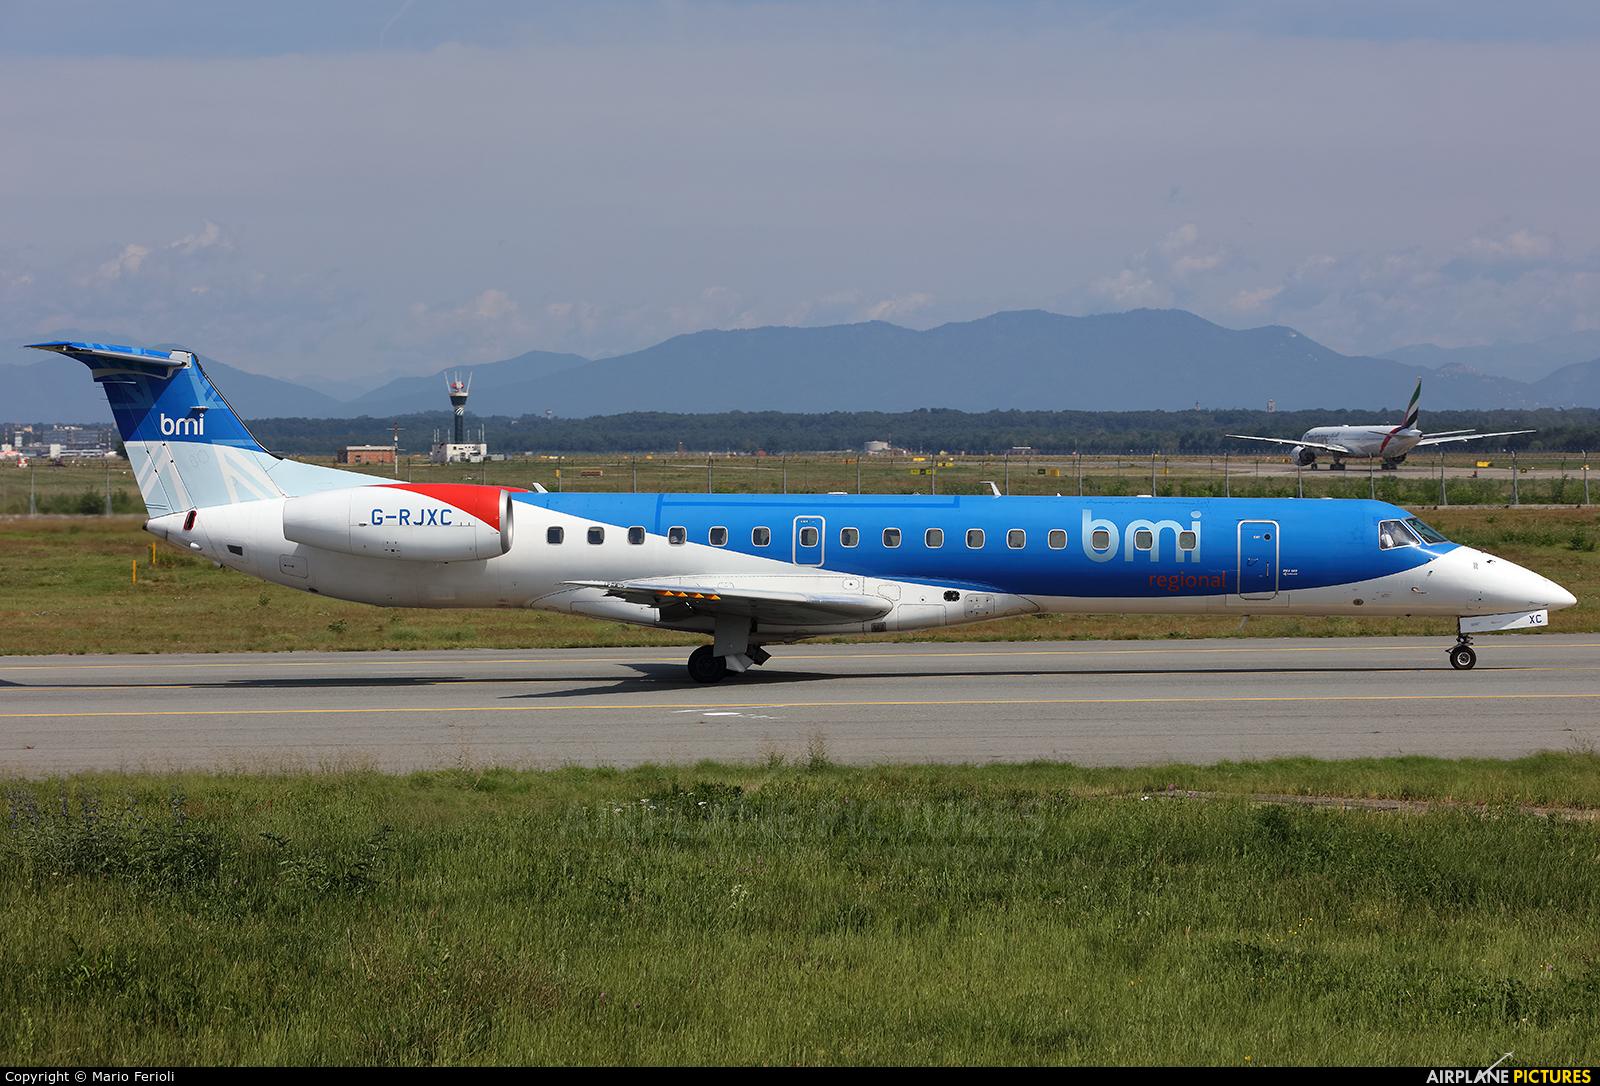 BMI Regional G-RJXC aircraft at Milan - Malpensa